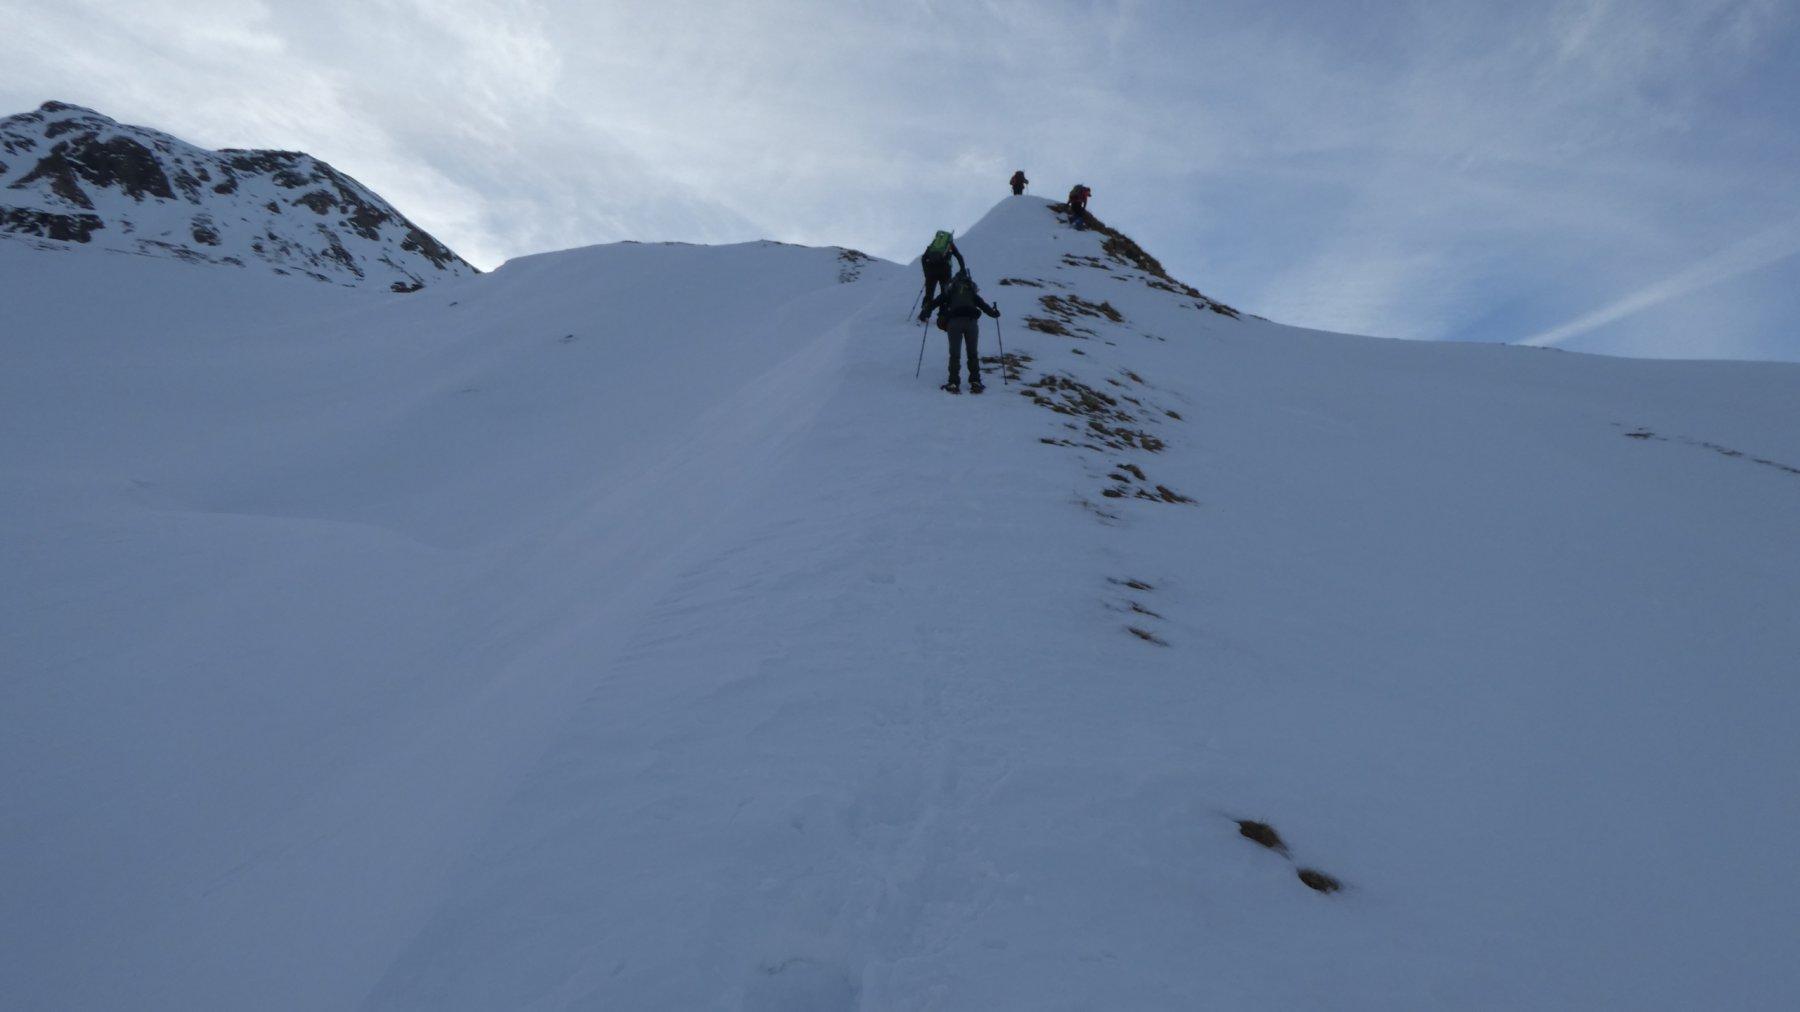 salendo i pendii nevosi verso il Passo di Busin